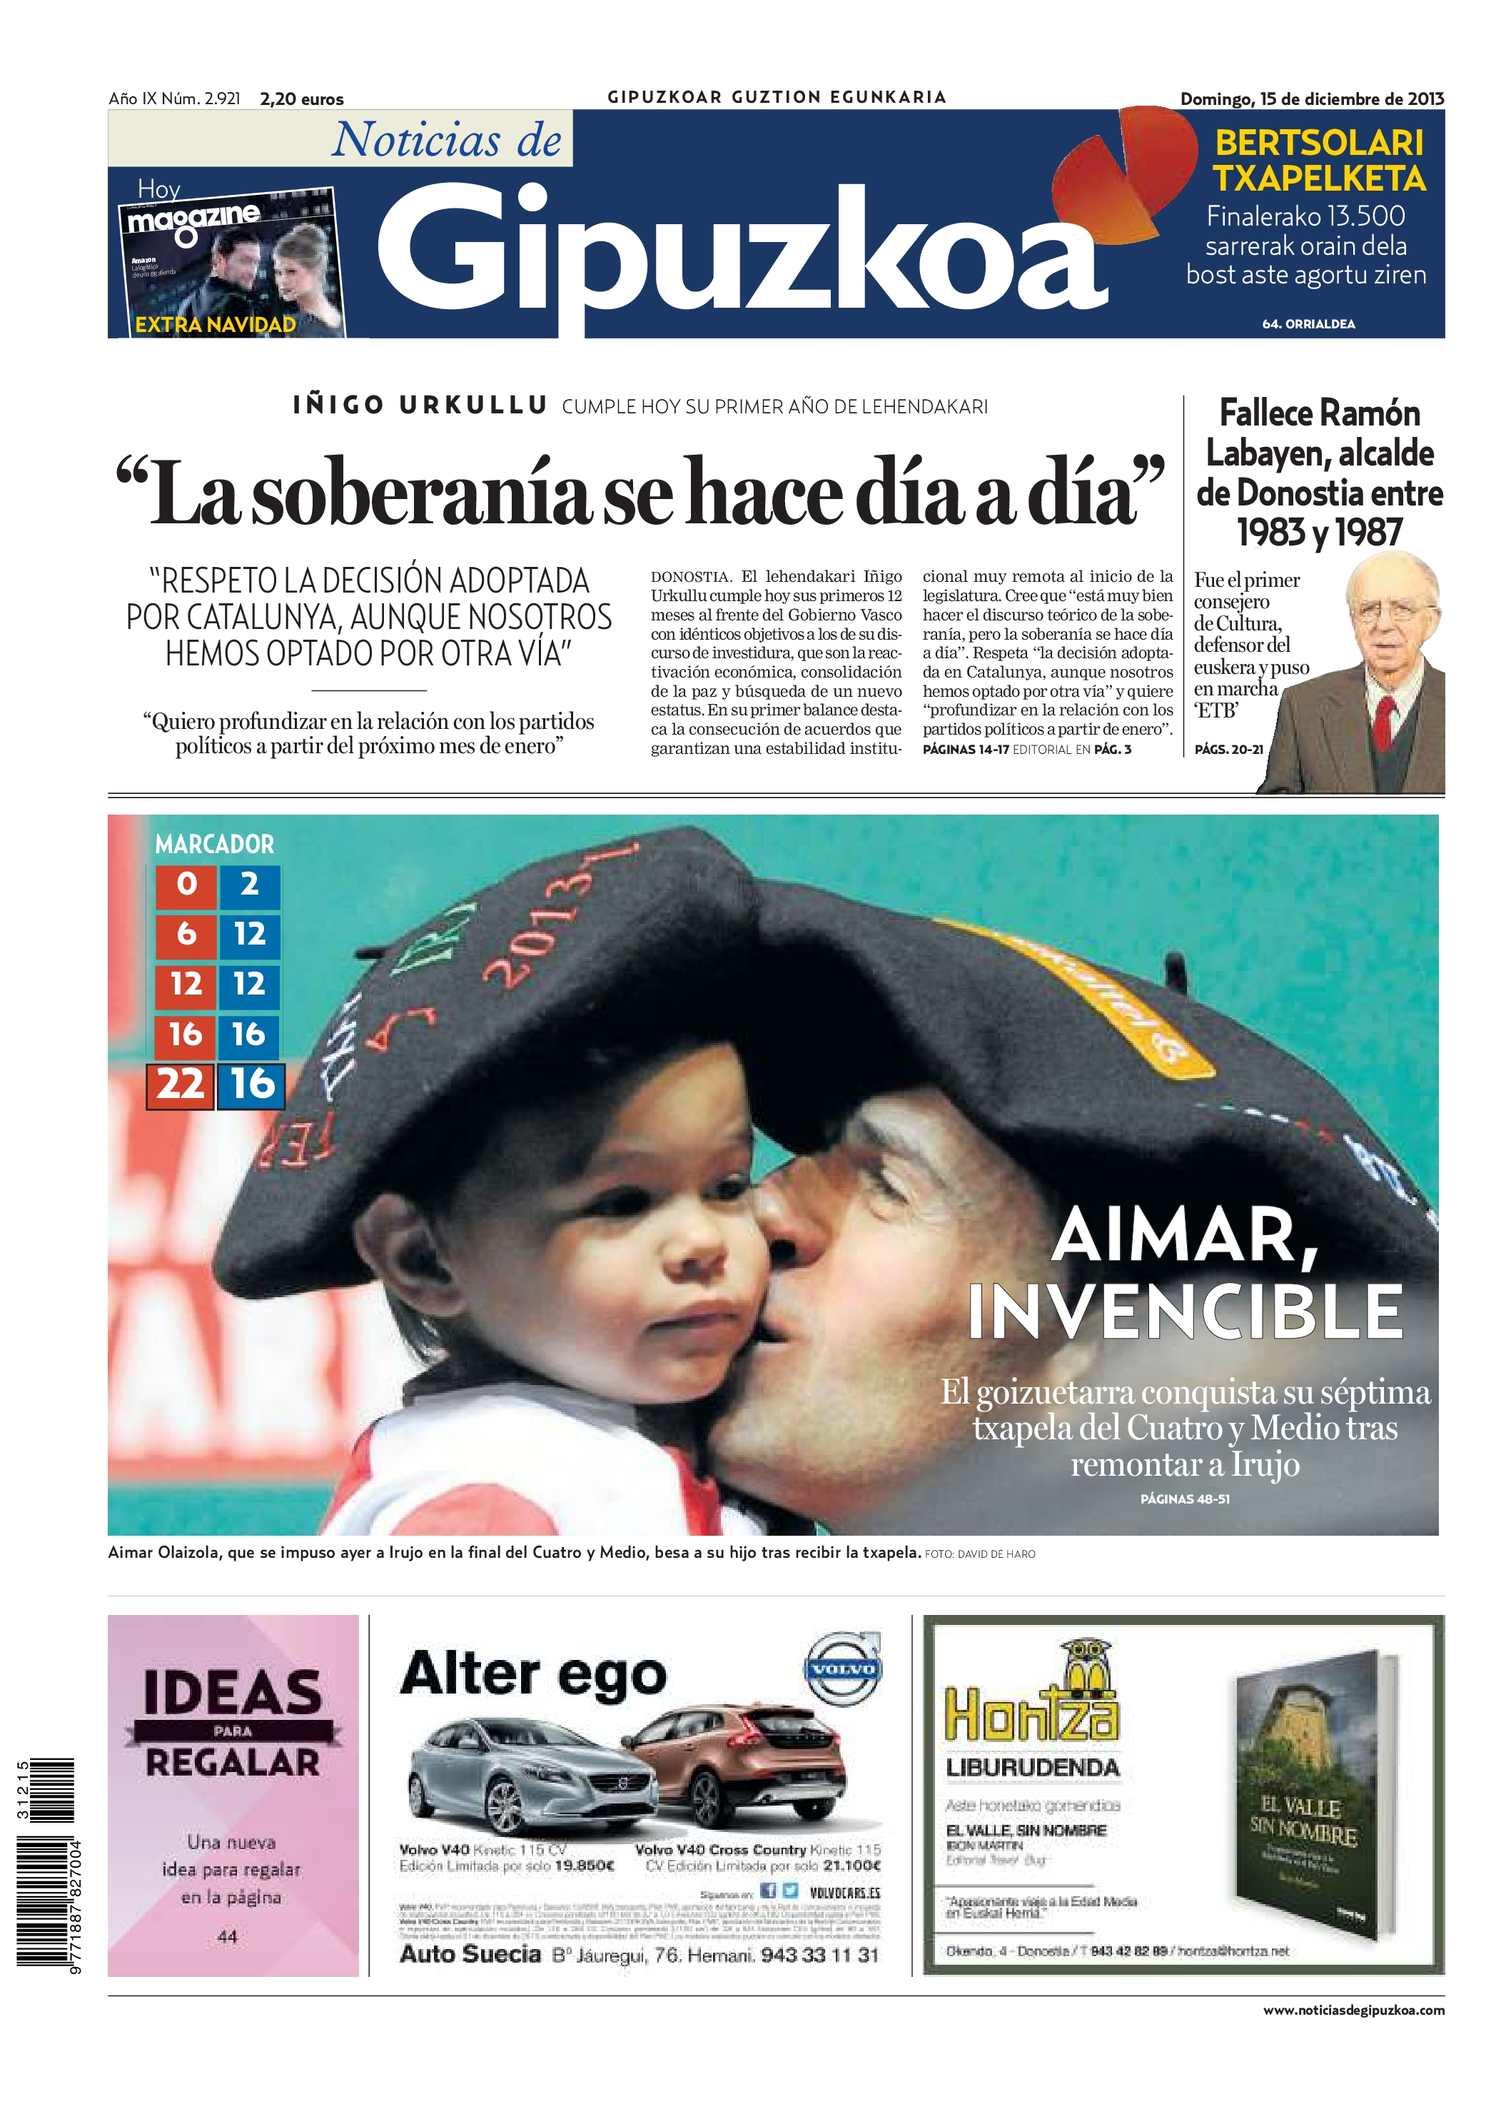 b41e2f1507e8d Calaméo - Noticias de Gipuzkoa 20131215